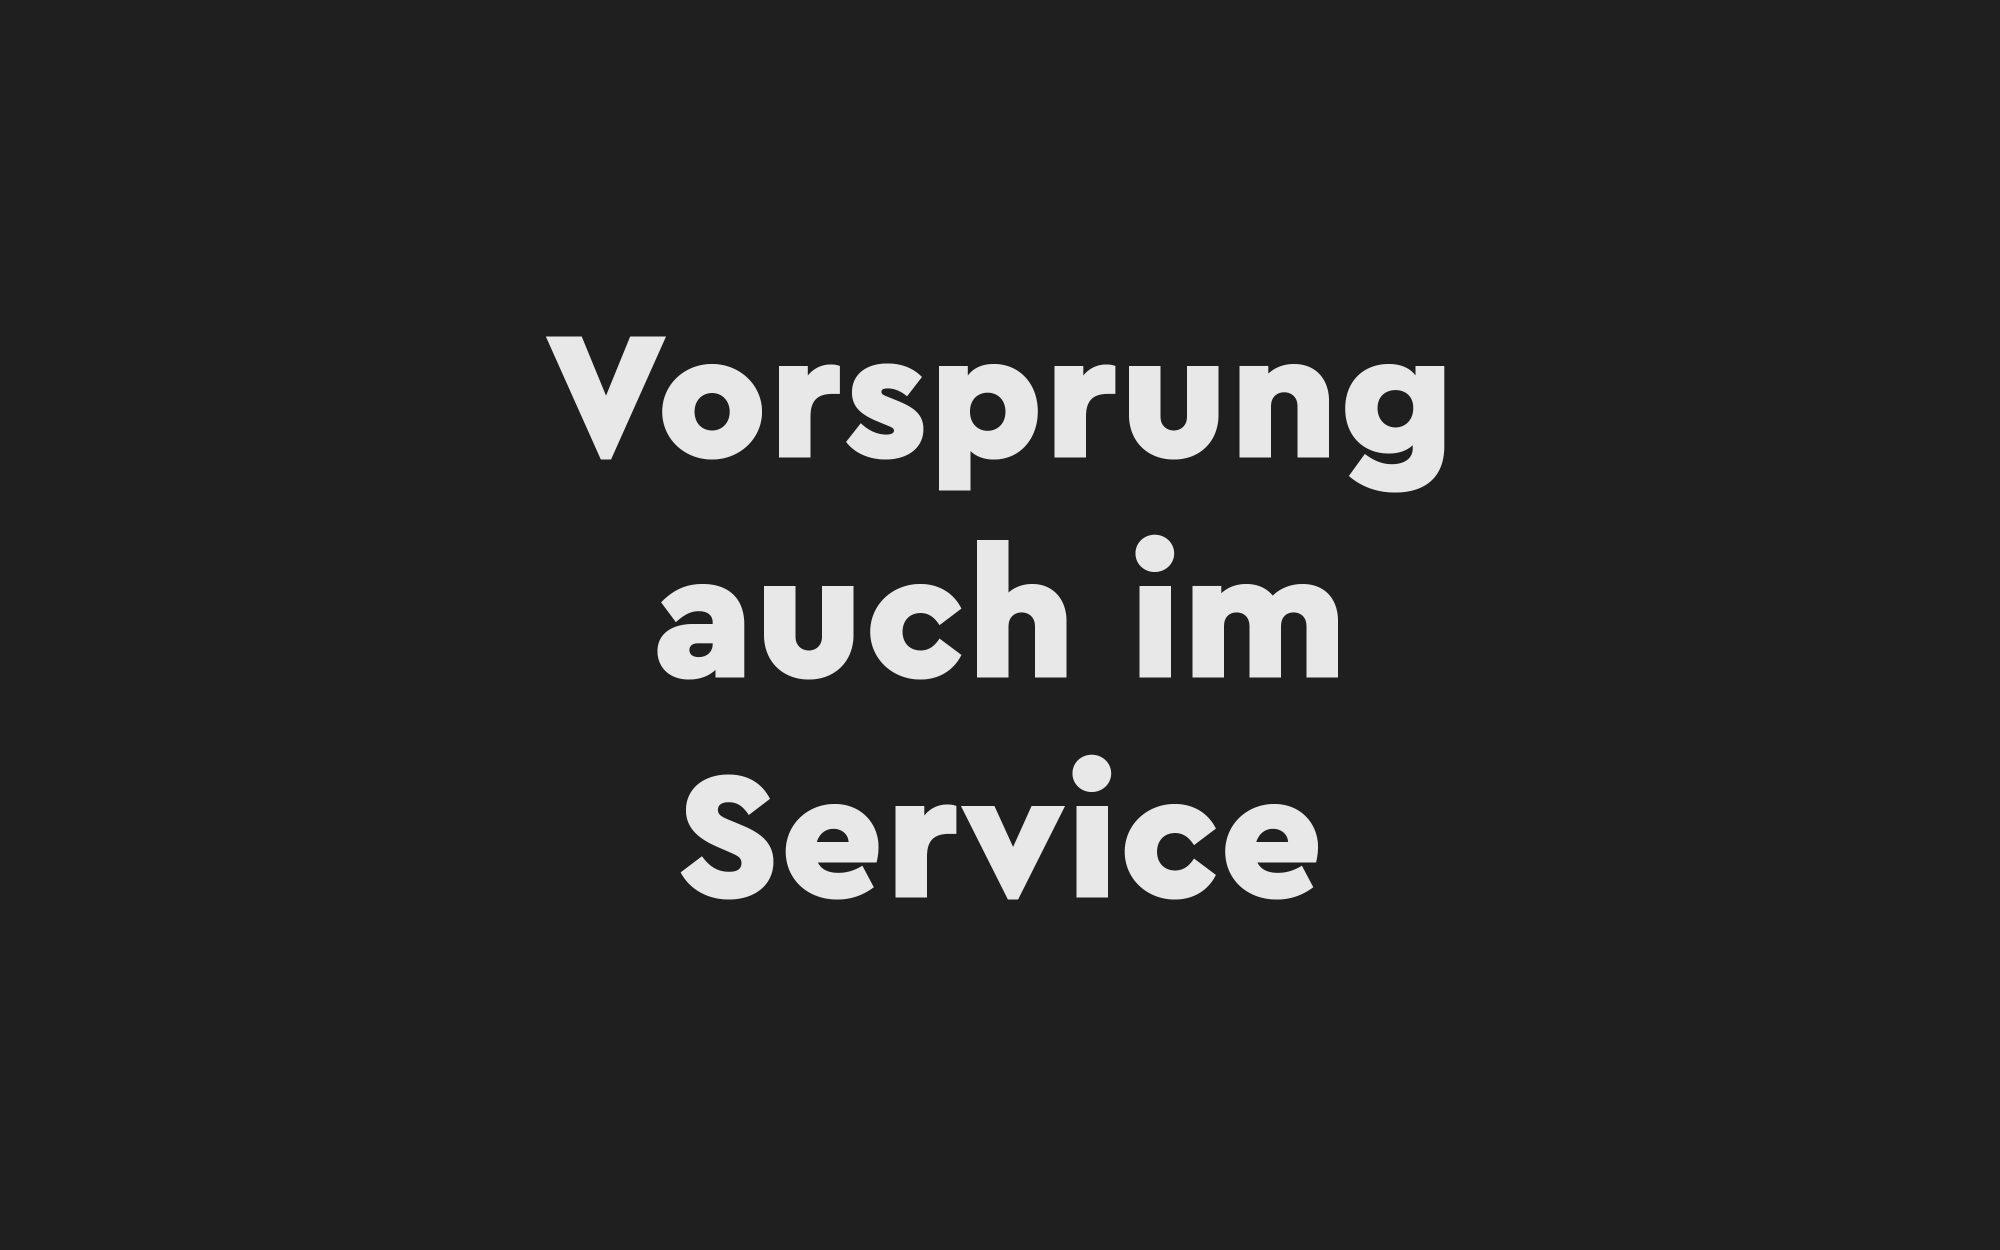 GRACO-Audi-Vorsprung-auch-in-Service